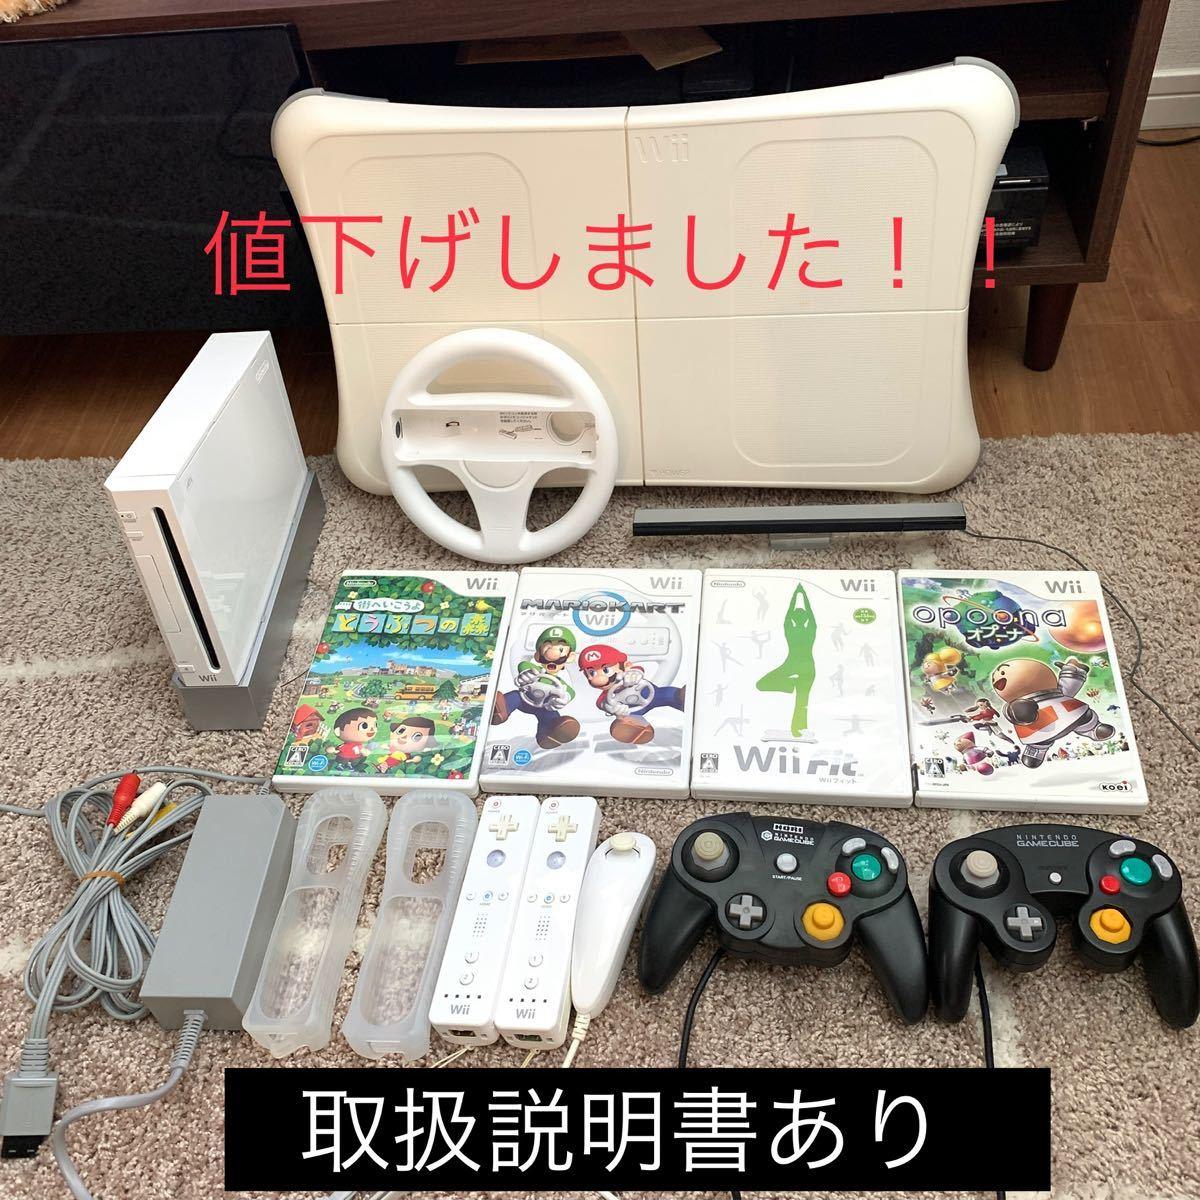 Wii  本体 Wii Fit ソフト セット どうぶつの森 マリオカート  バランスボード